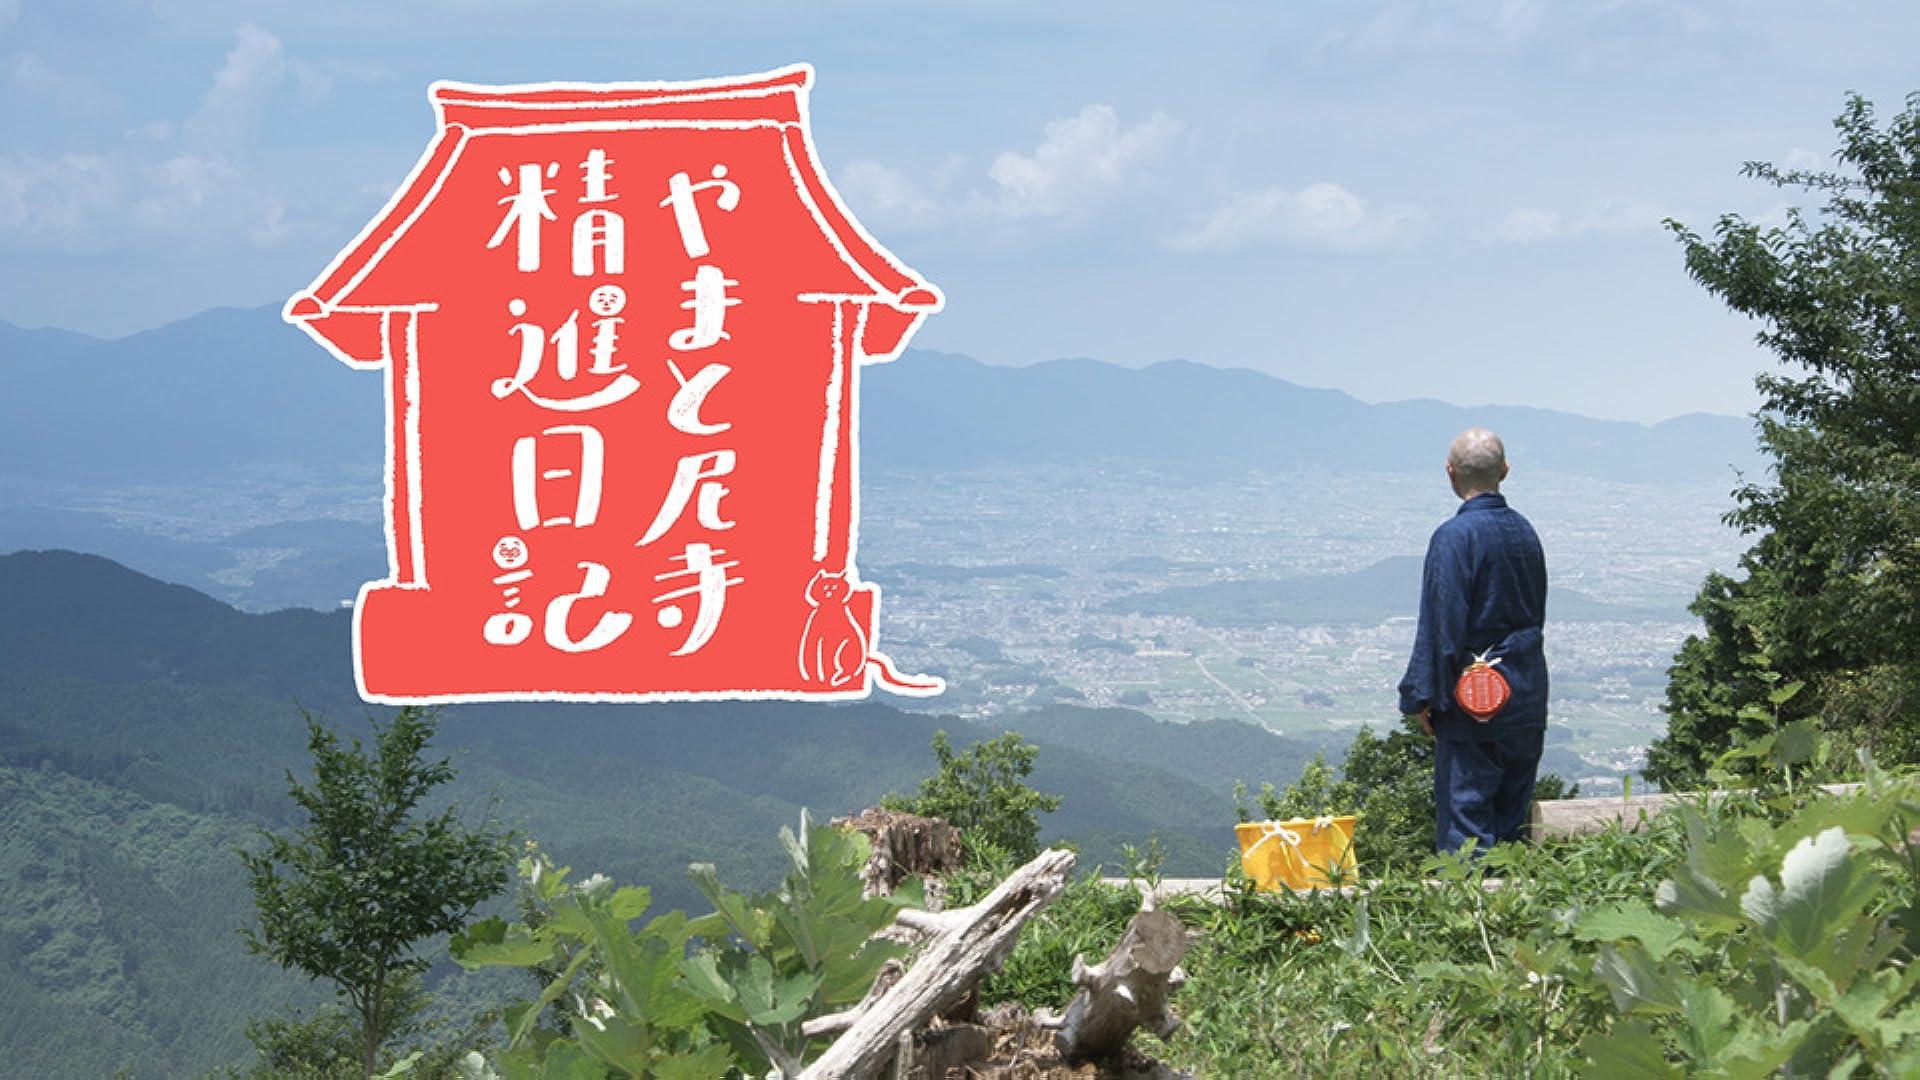 やまと尼寺 精進日記(NHKオンデマンド)